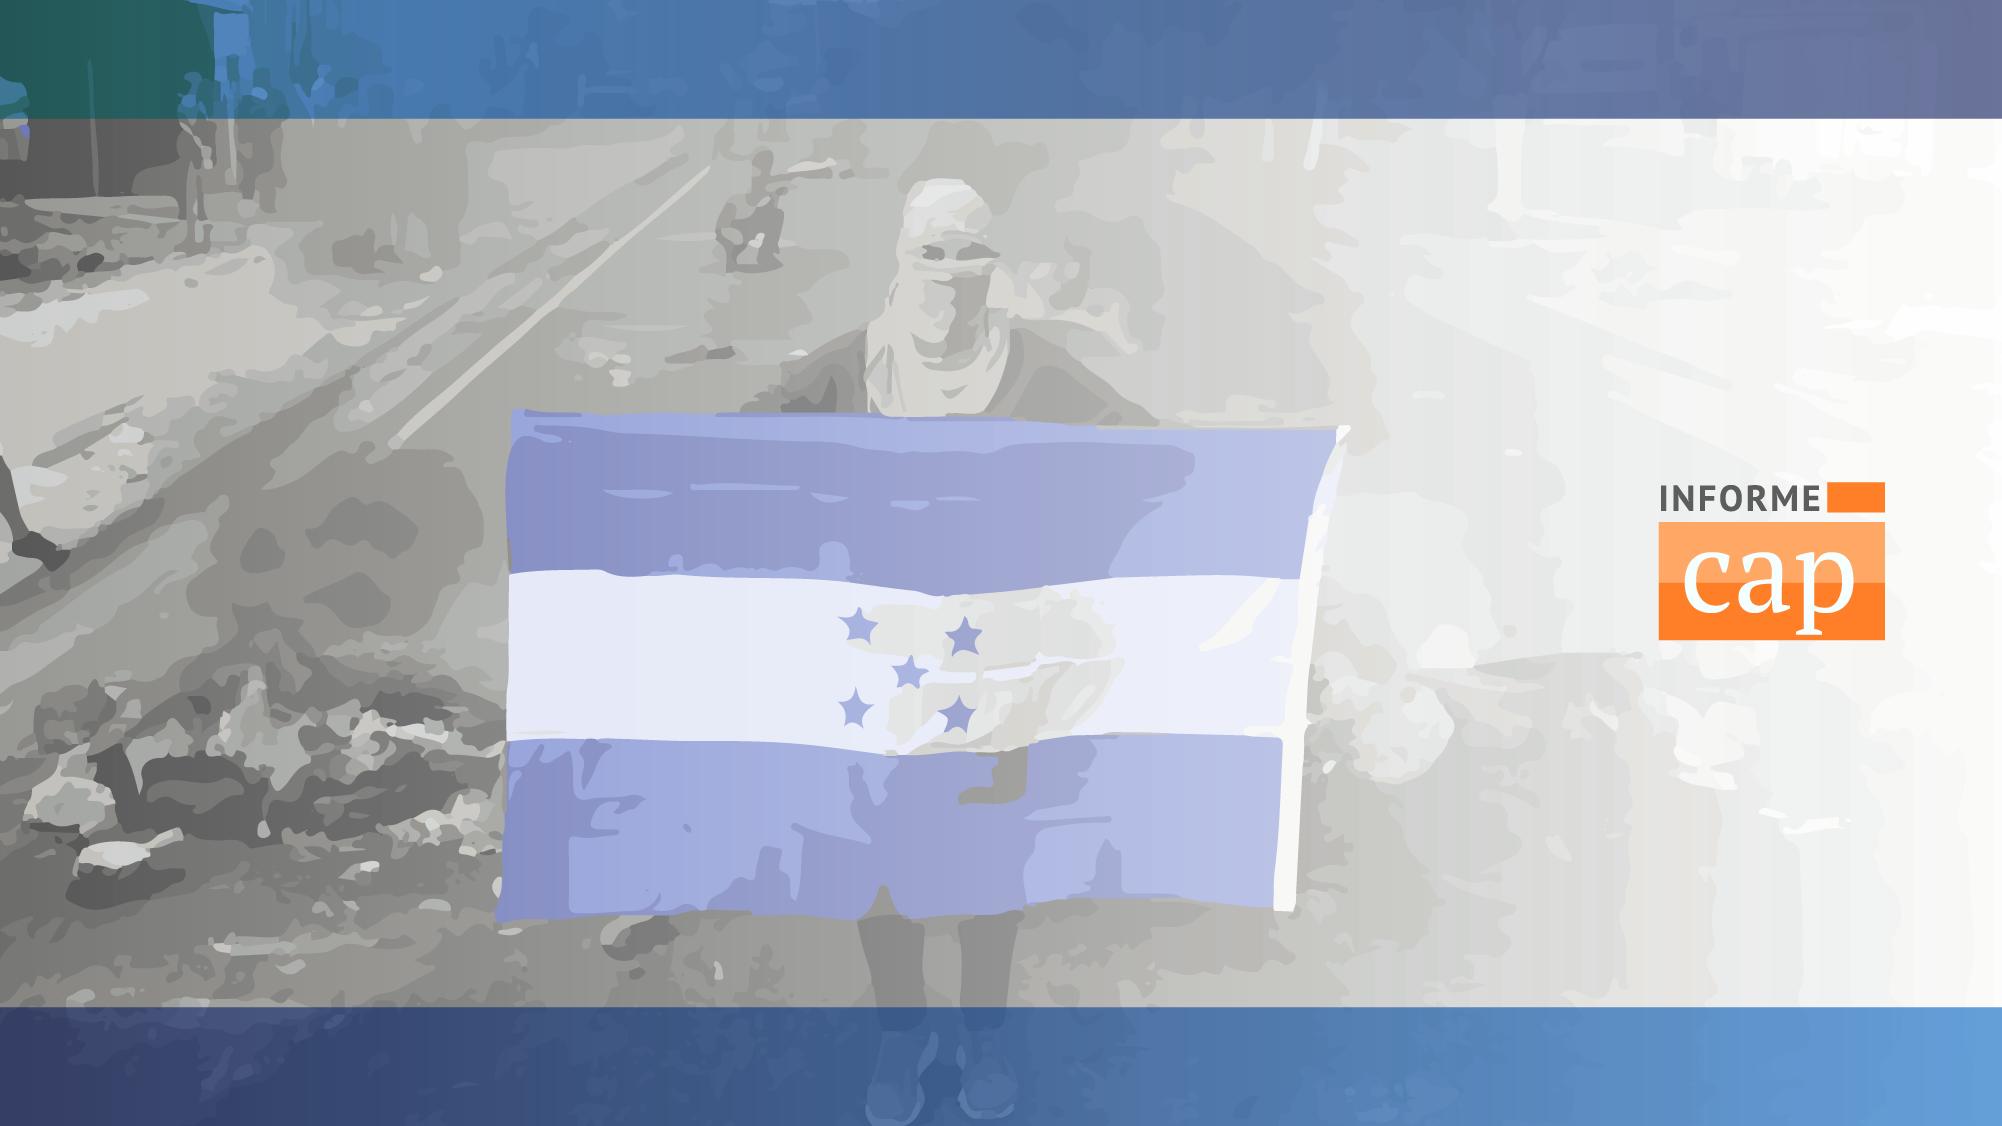 https://www.celag.org/wp-content/uploads/2021/03/2021-03-30-cap-honduras-portada.png